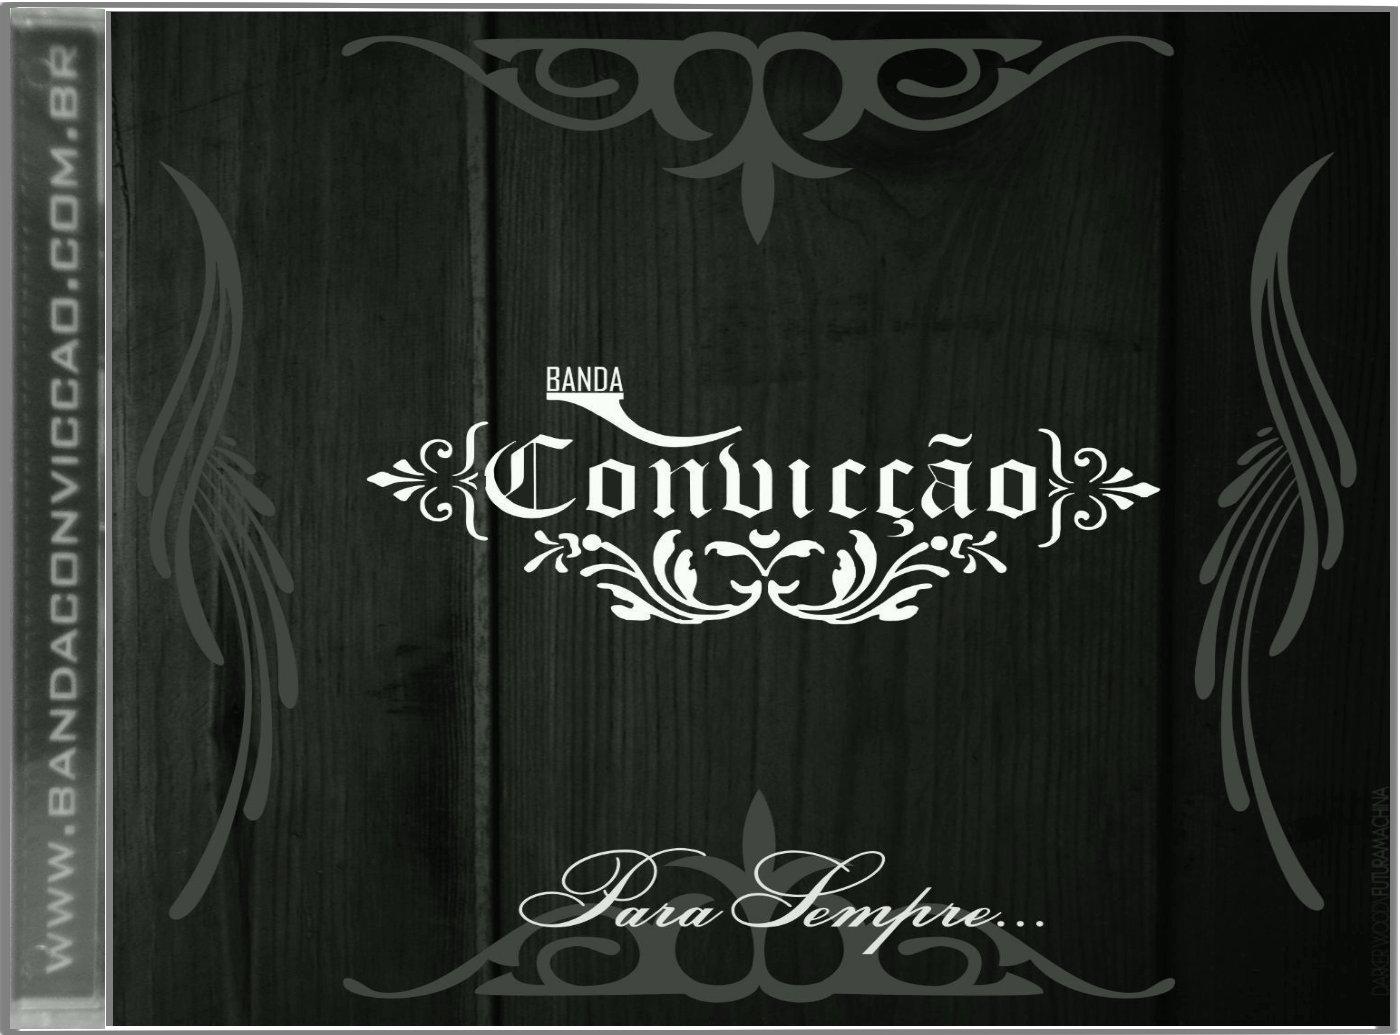 Banda Convicção